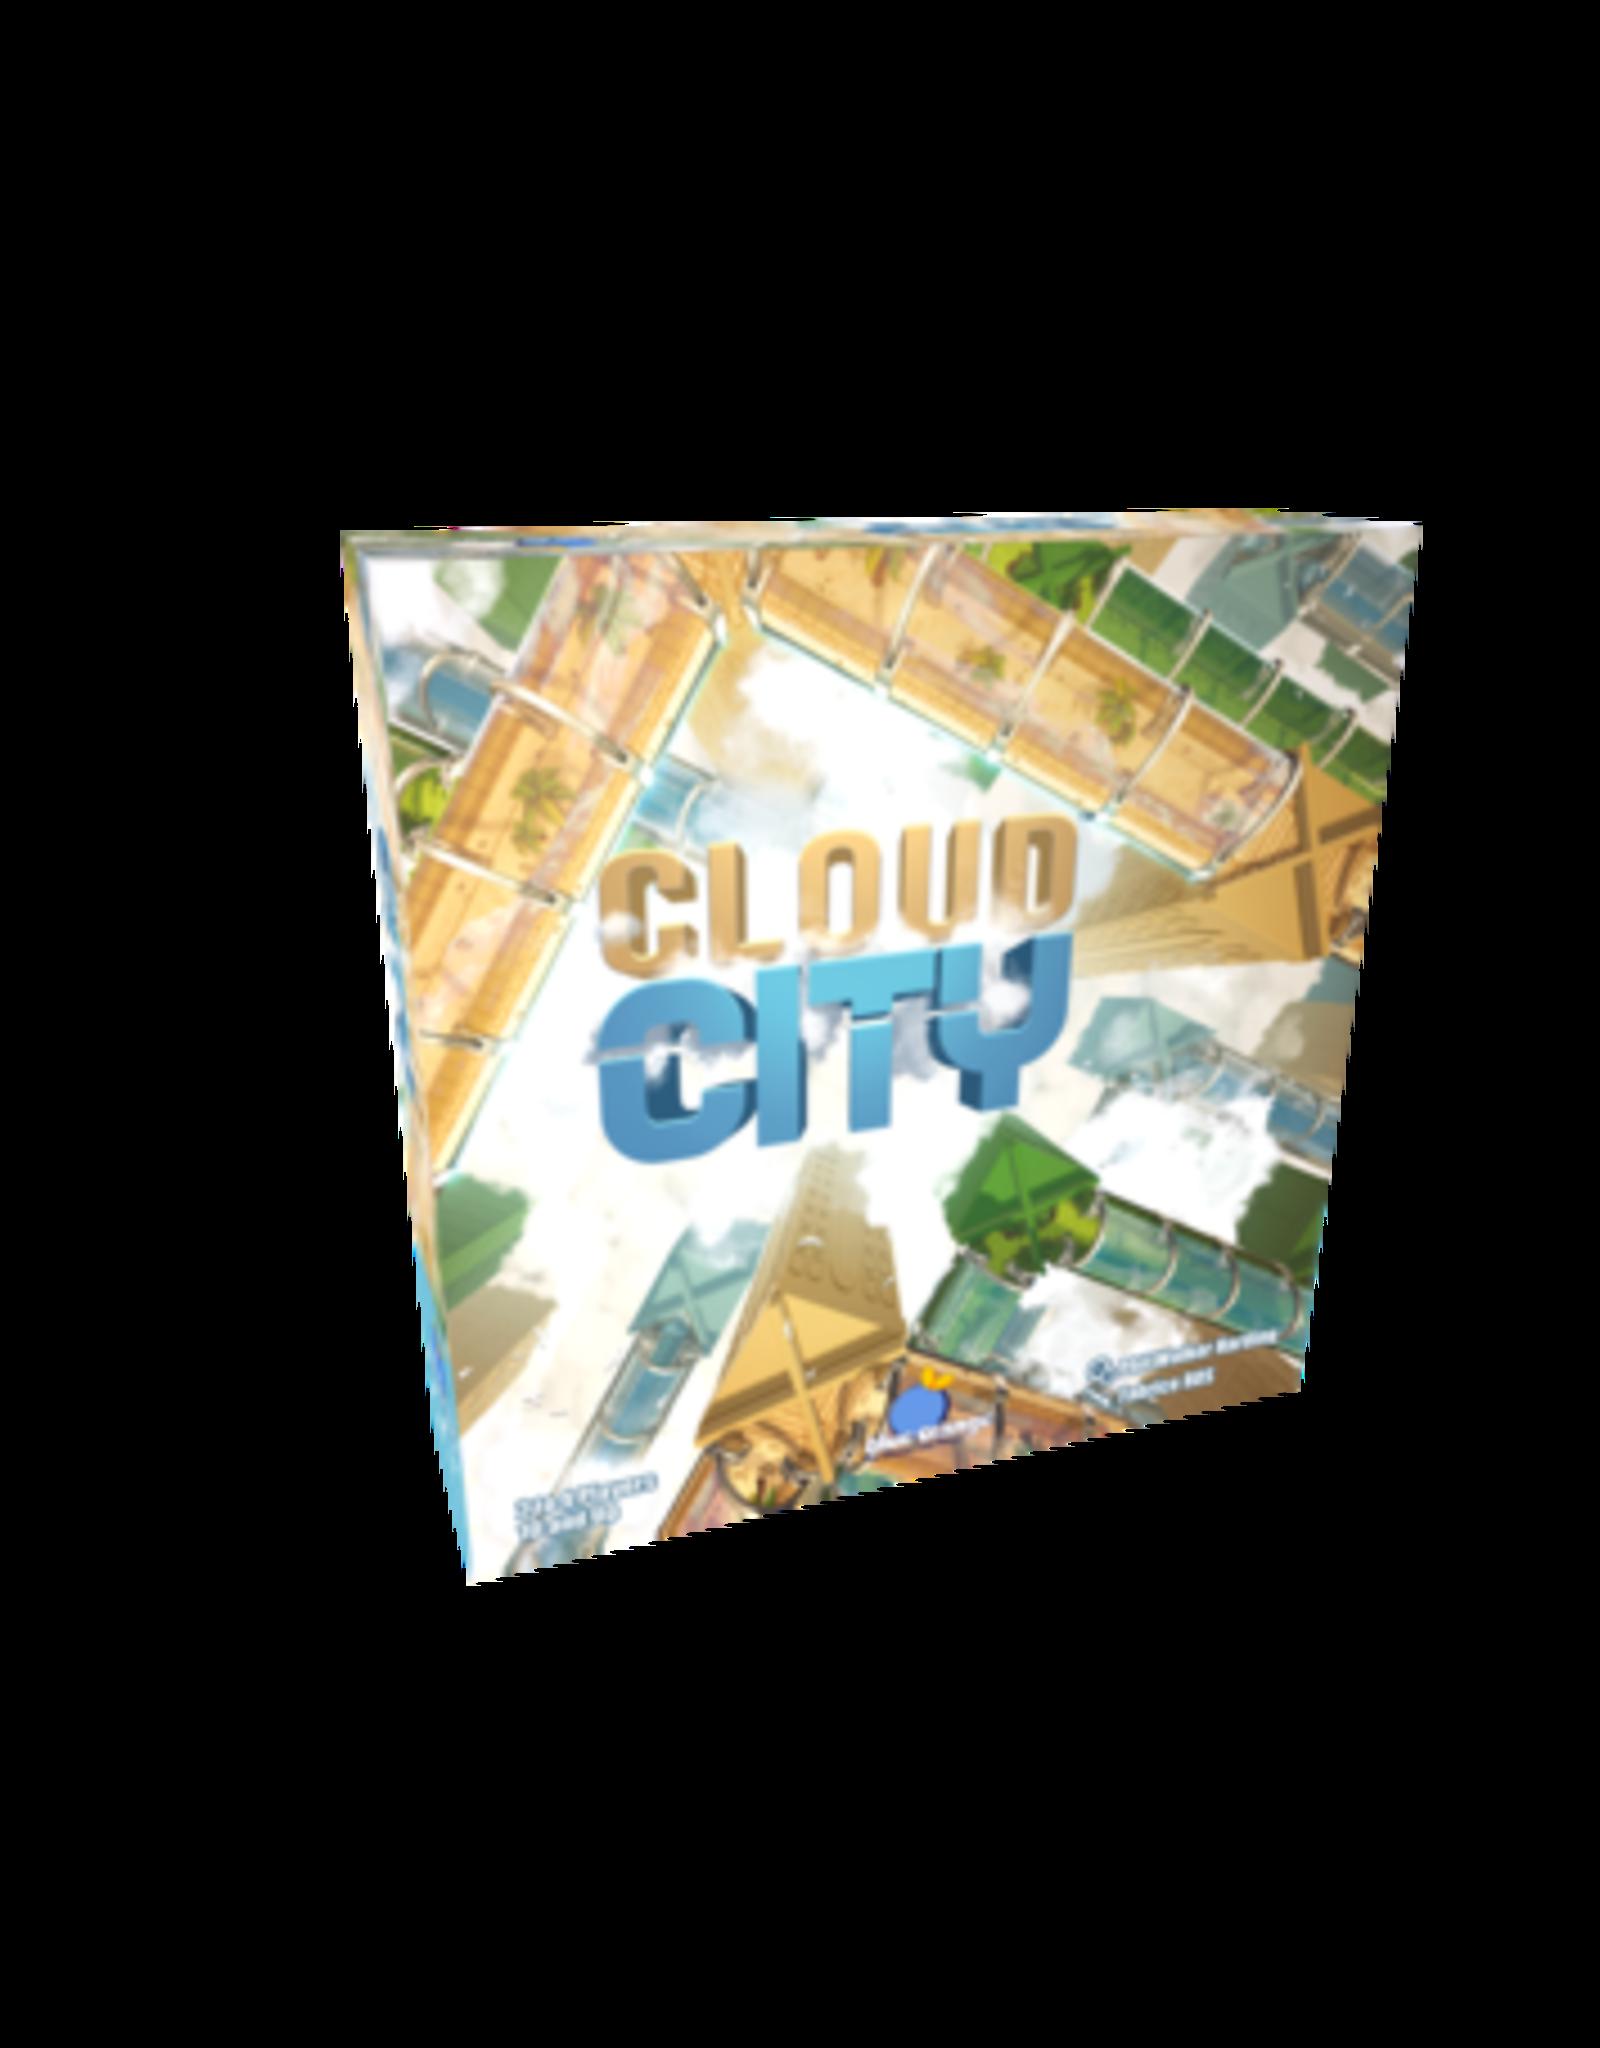 Blue Orange Cloud City